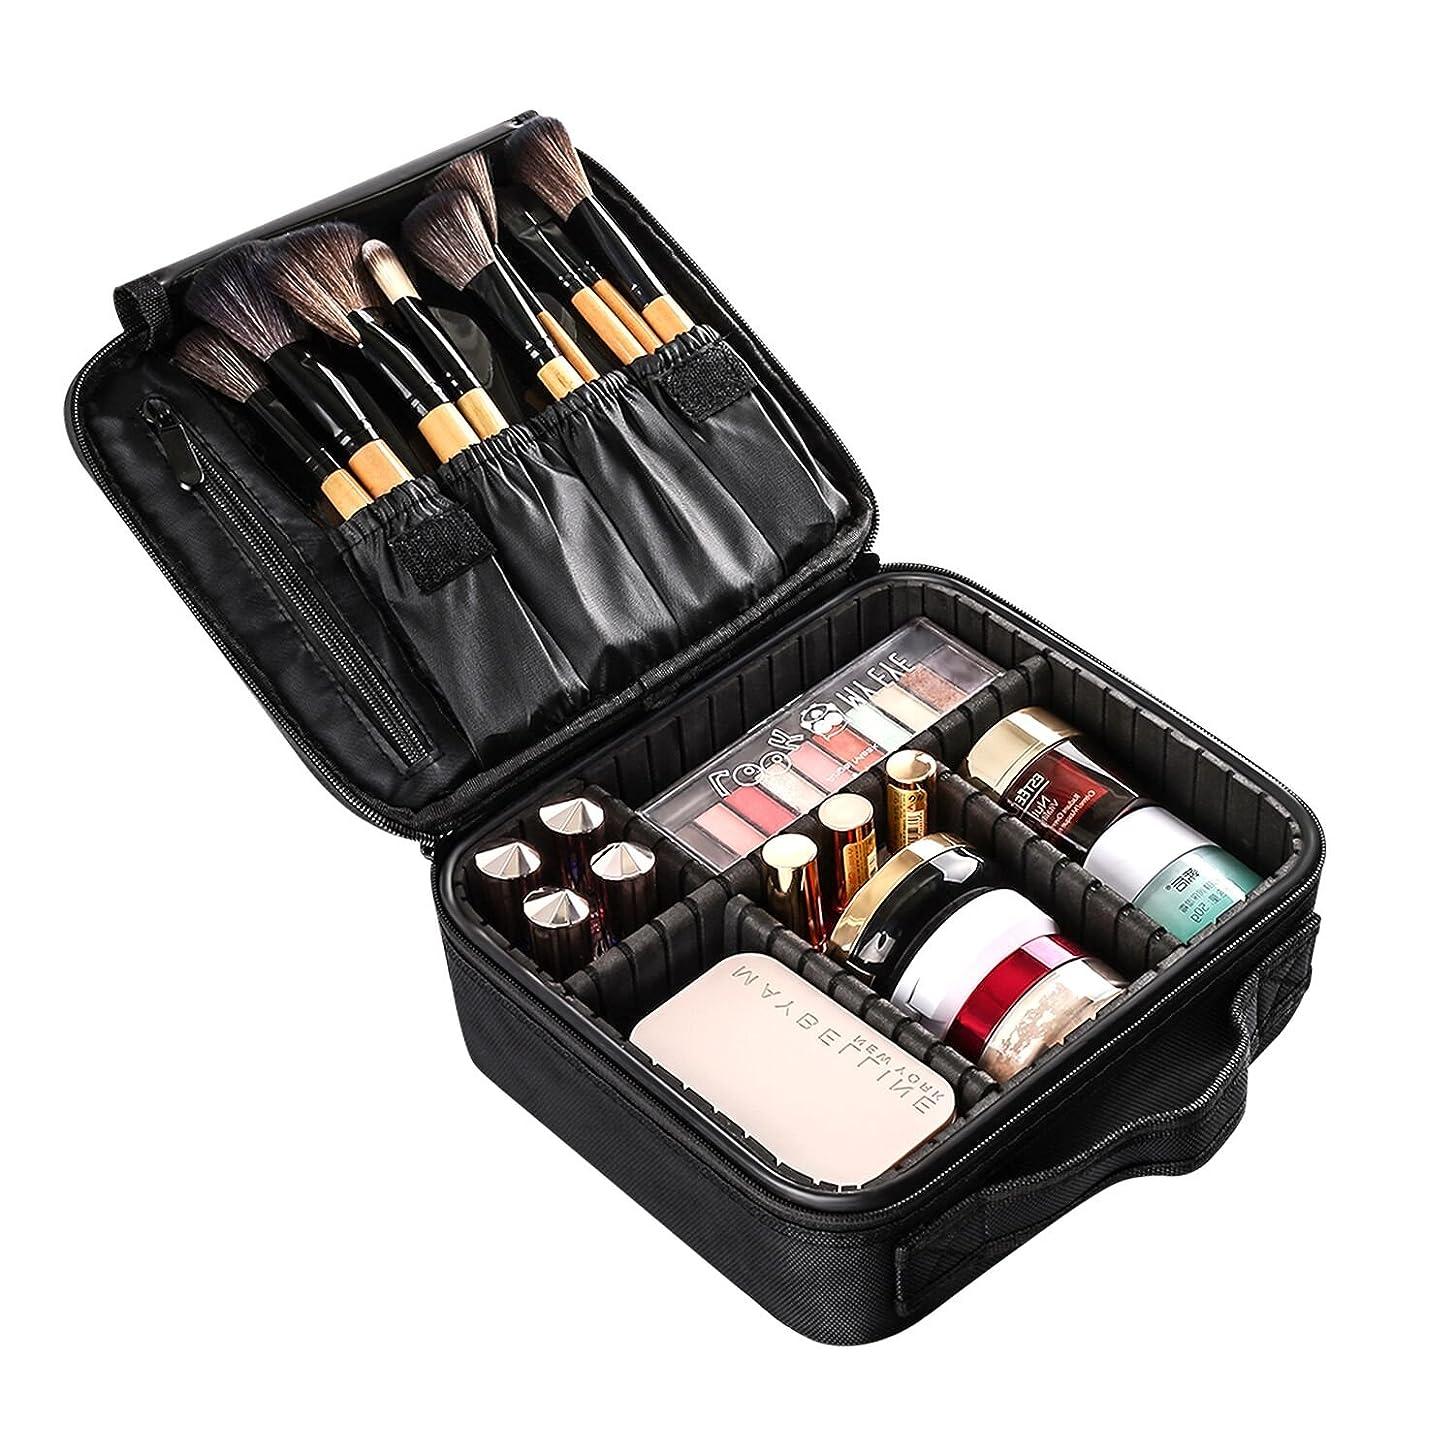 無限大受け継ぐ排他的ELOKI プロ用 メイクボックス 高品質 收納抜群 大容量 化粧バッグ 置き方が調整できる 旅行 家用に大活躍な化粧箱